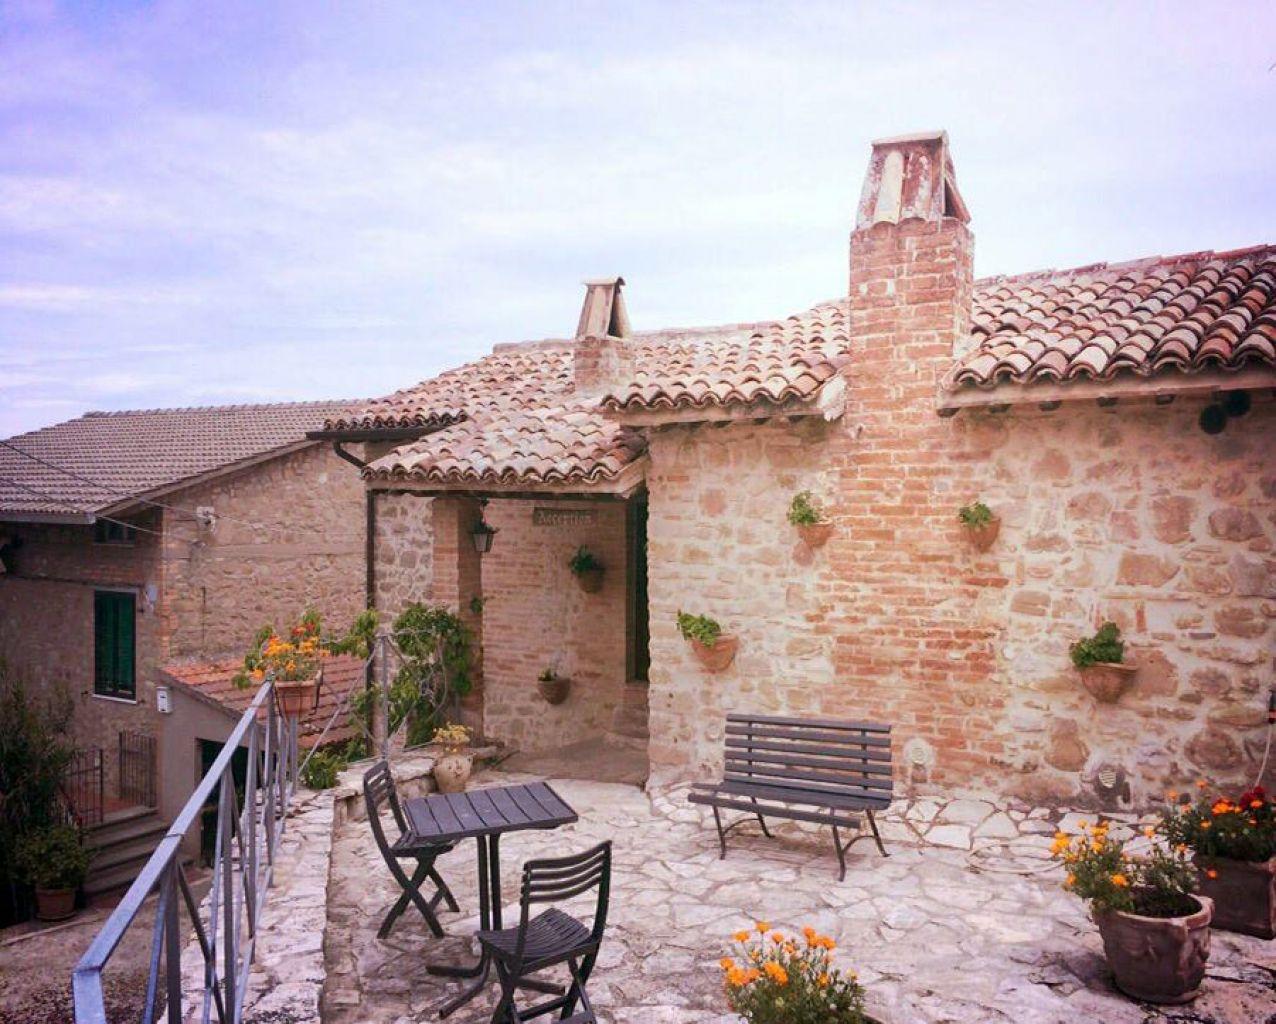 castello di cisterna men Castello di cisterna (o castel cisterna, castiello 'e cisterna e 'a cisterna in napoletano) è un comune italiano di 7937 abitanti della città metropolitana di .